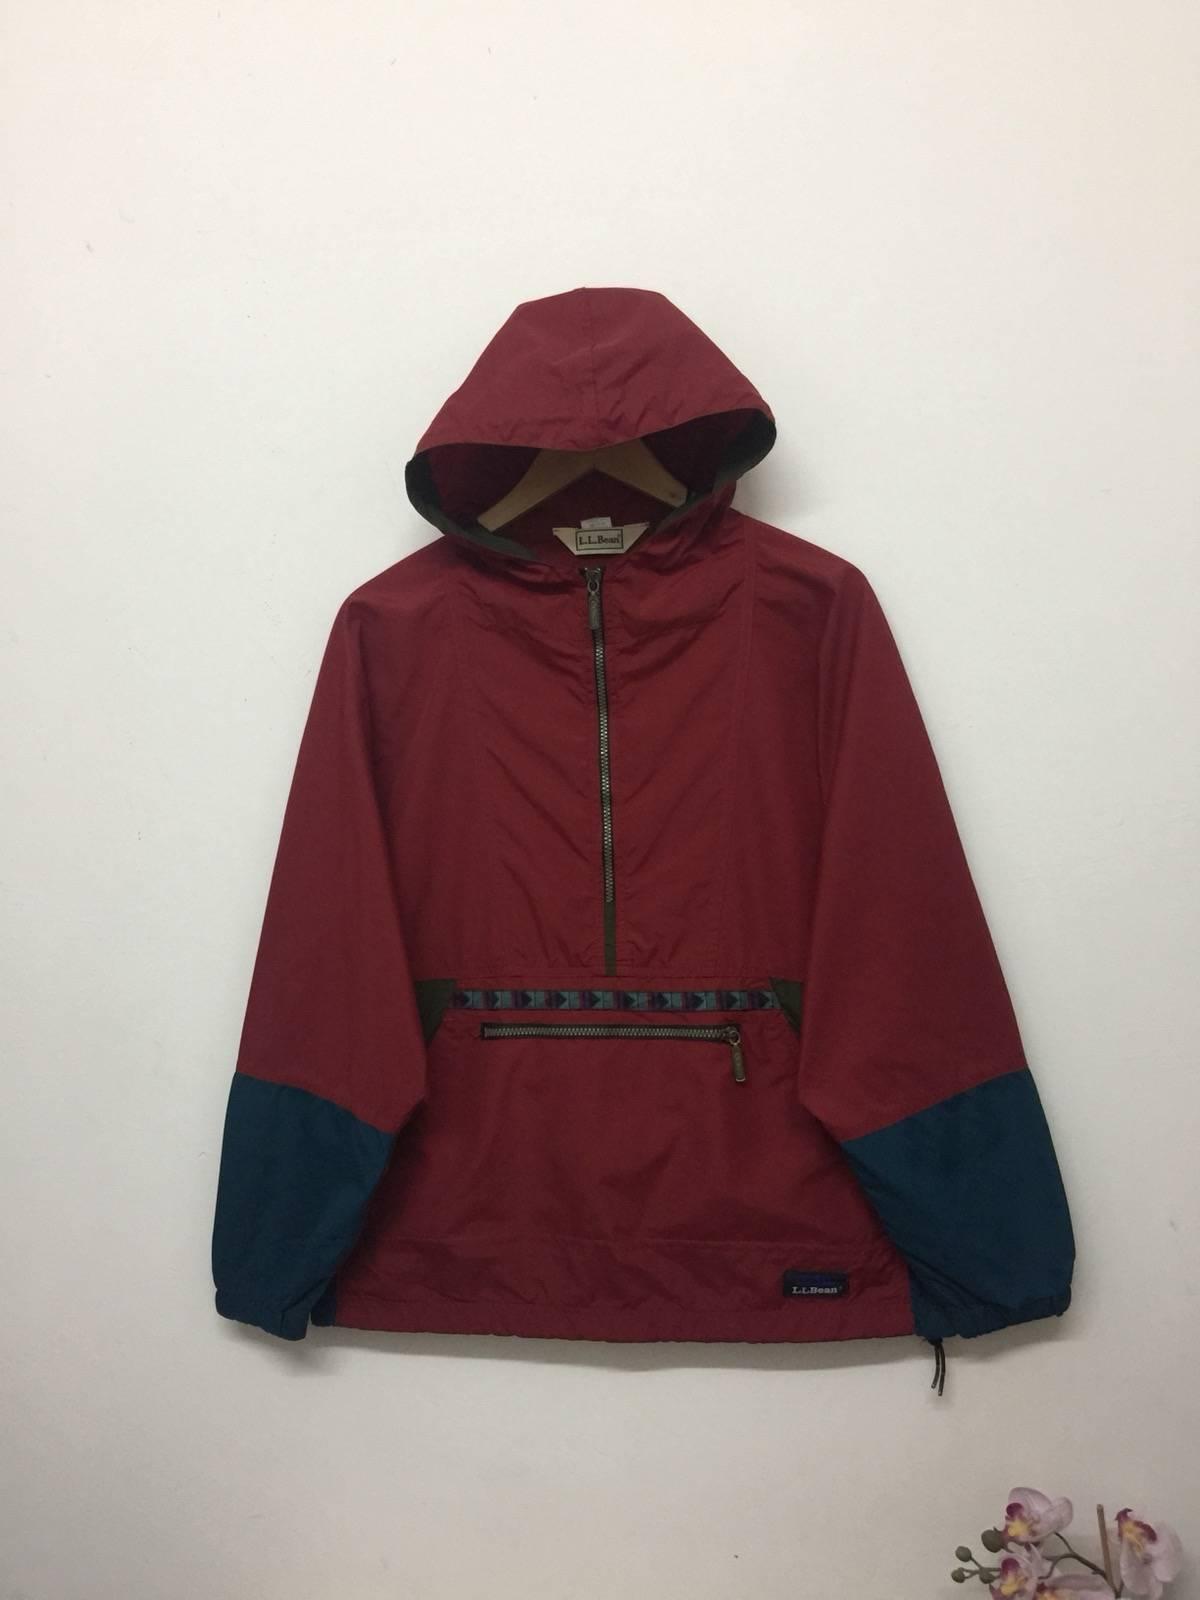 L.L. Bean L.L Bean Women s Pullover Windbreaker Raincoats Size s ... 81a89a74b9